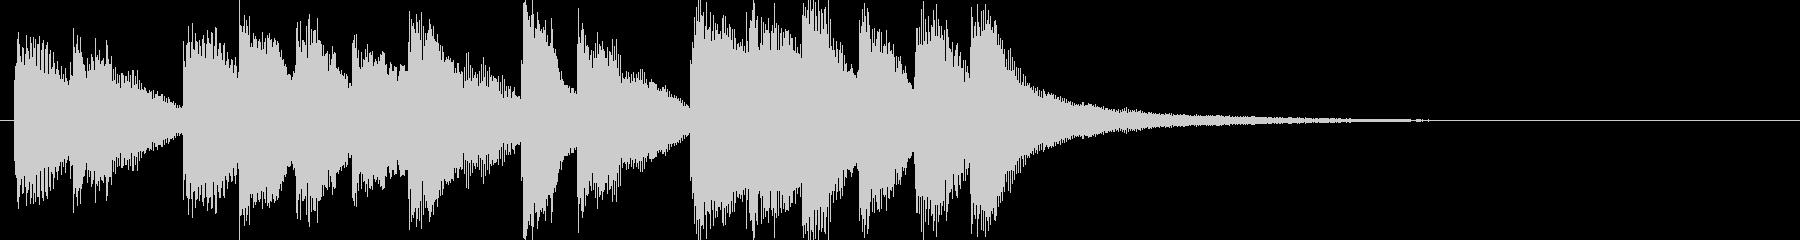 シンプルなかわいいメロディの未再生の波形